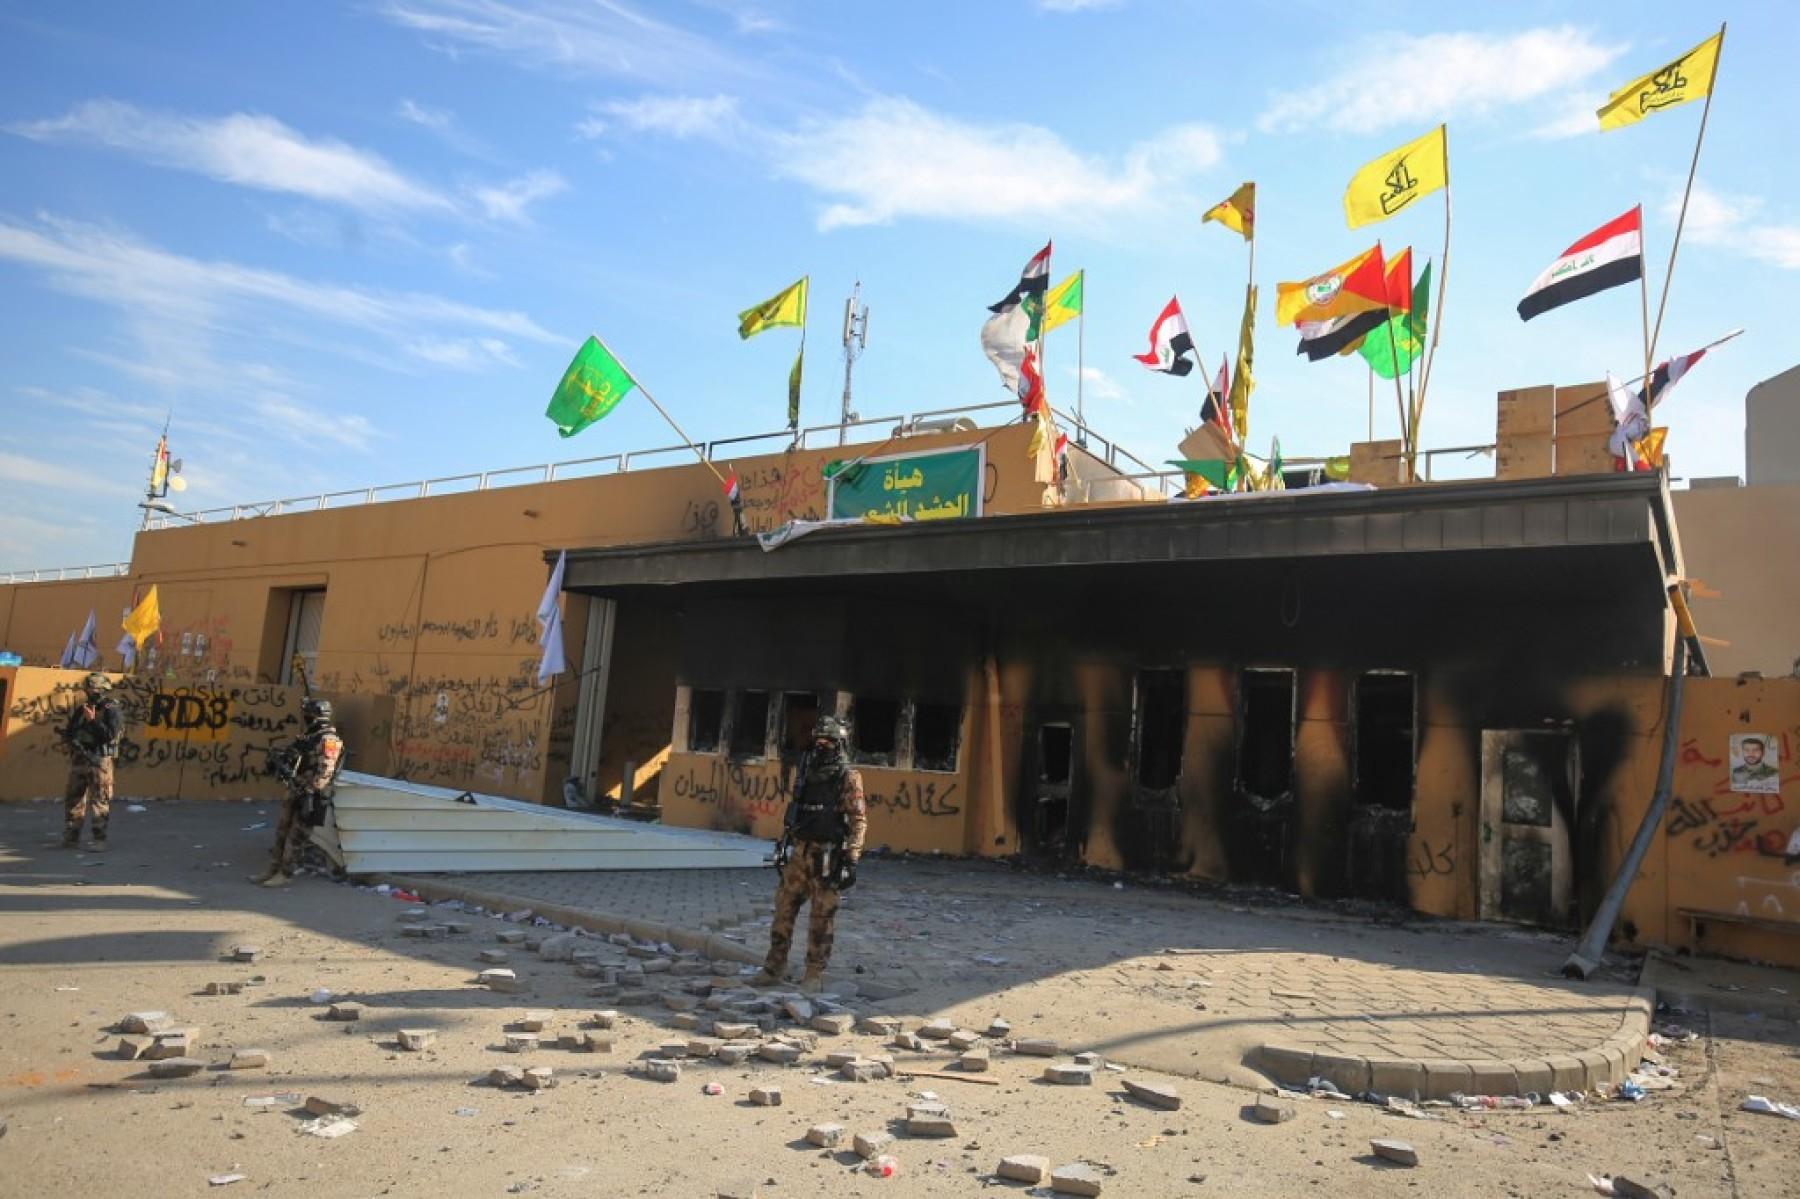 Lanzan cohetes cerca de la embajada de EU en Irak